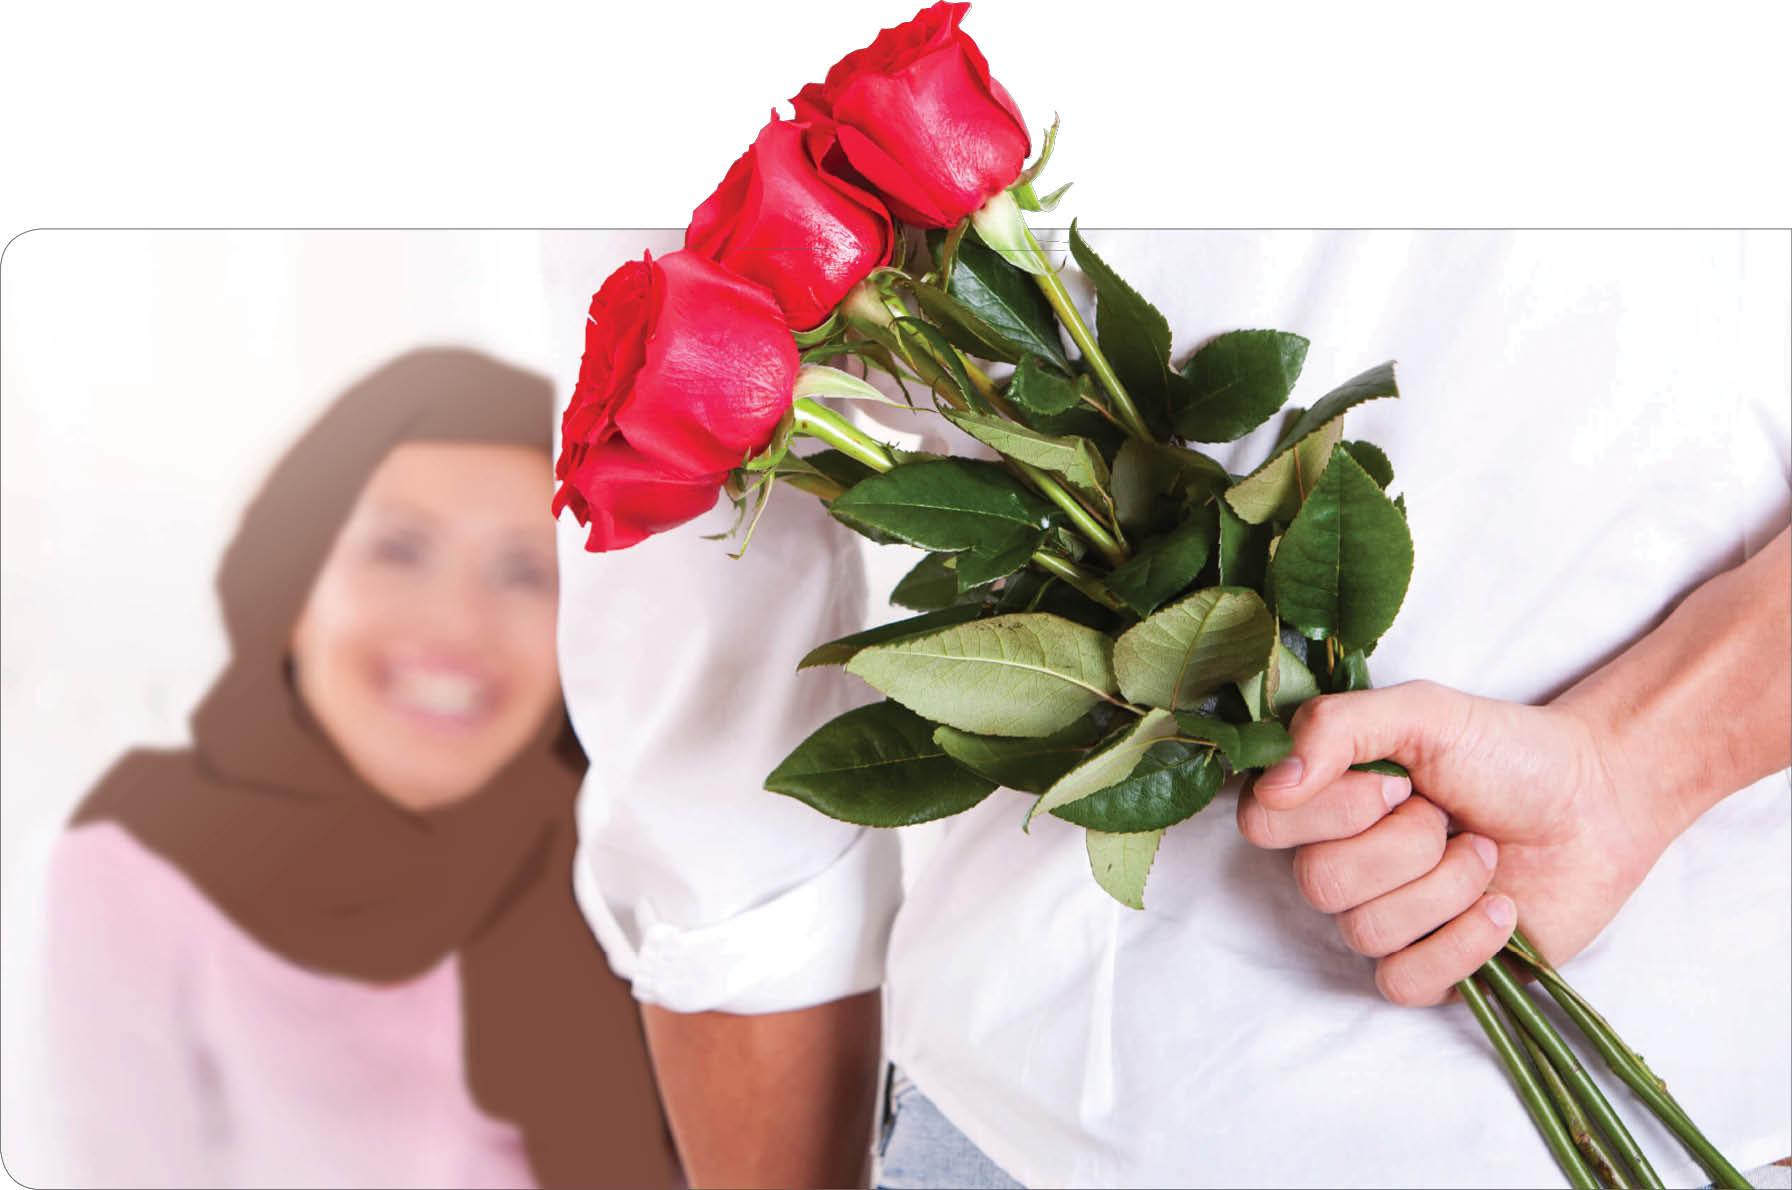 چه کار کنیم که برای همسرمان تکراری نشویم؟